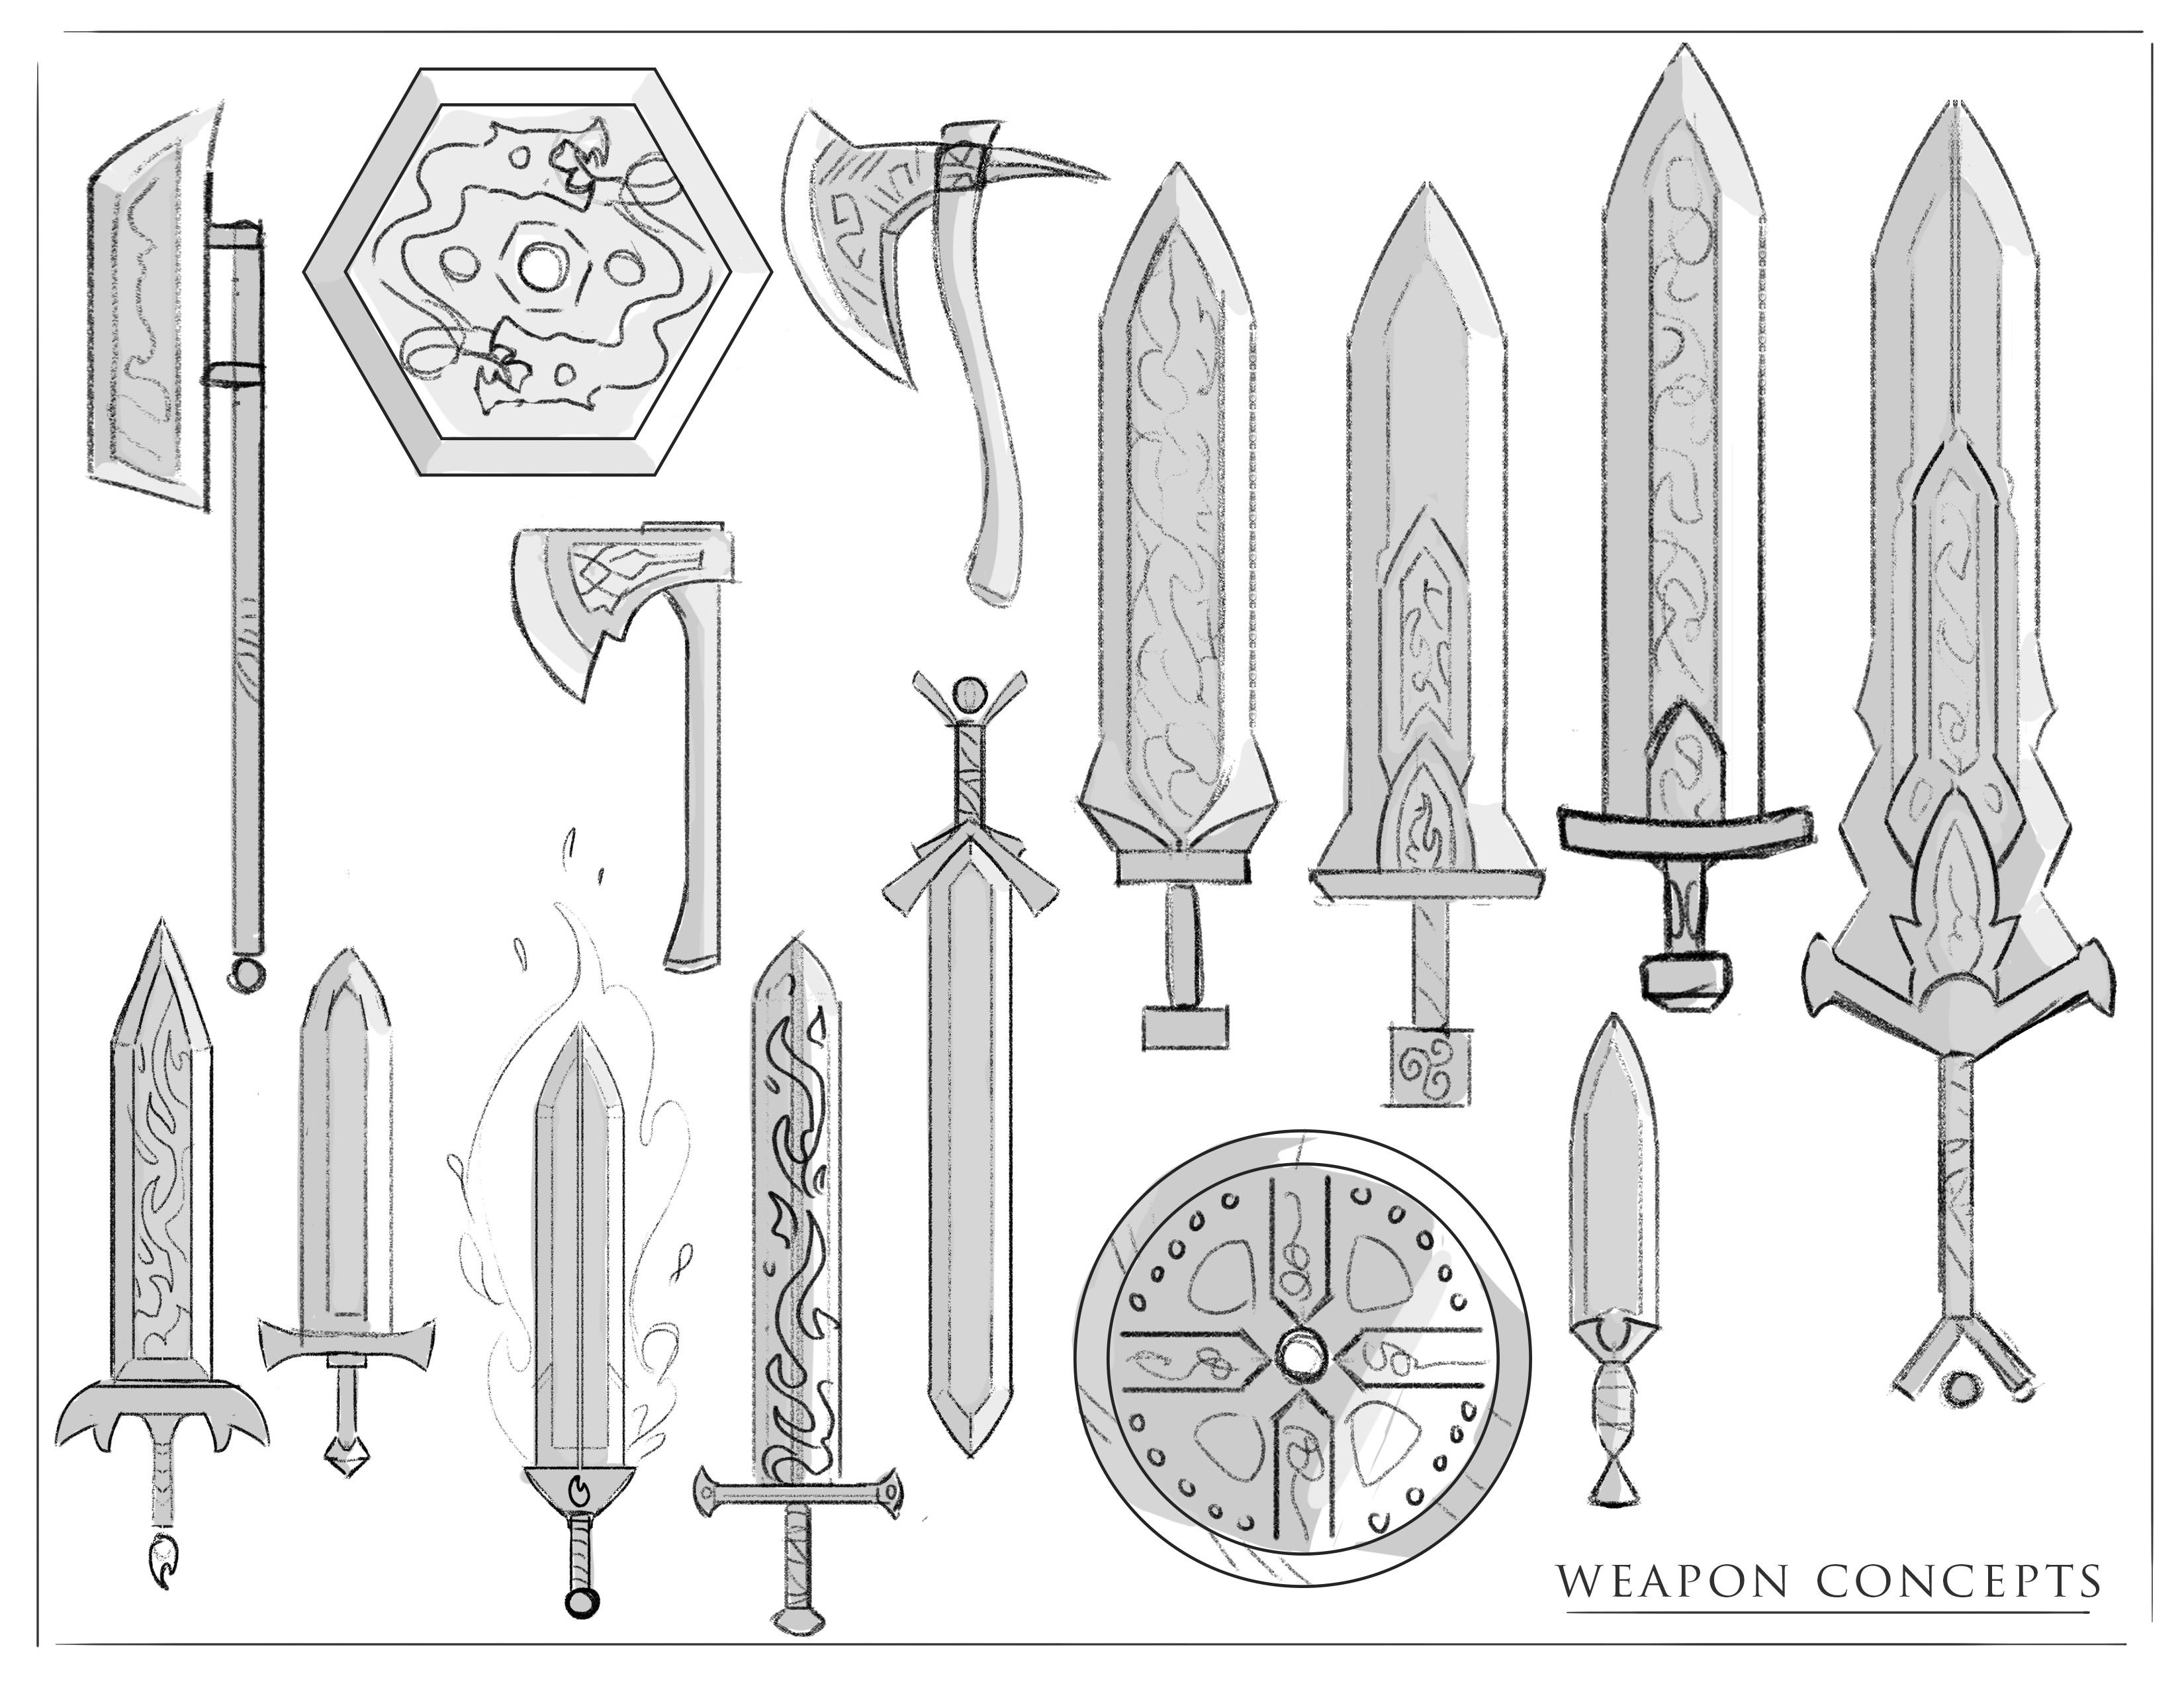 Weapon Concept Design